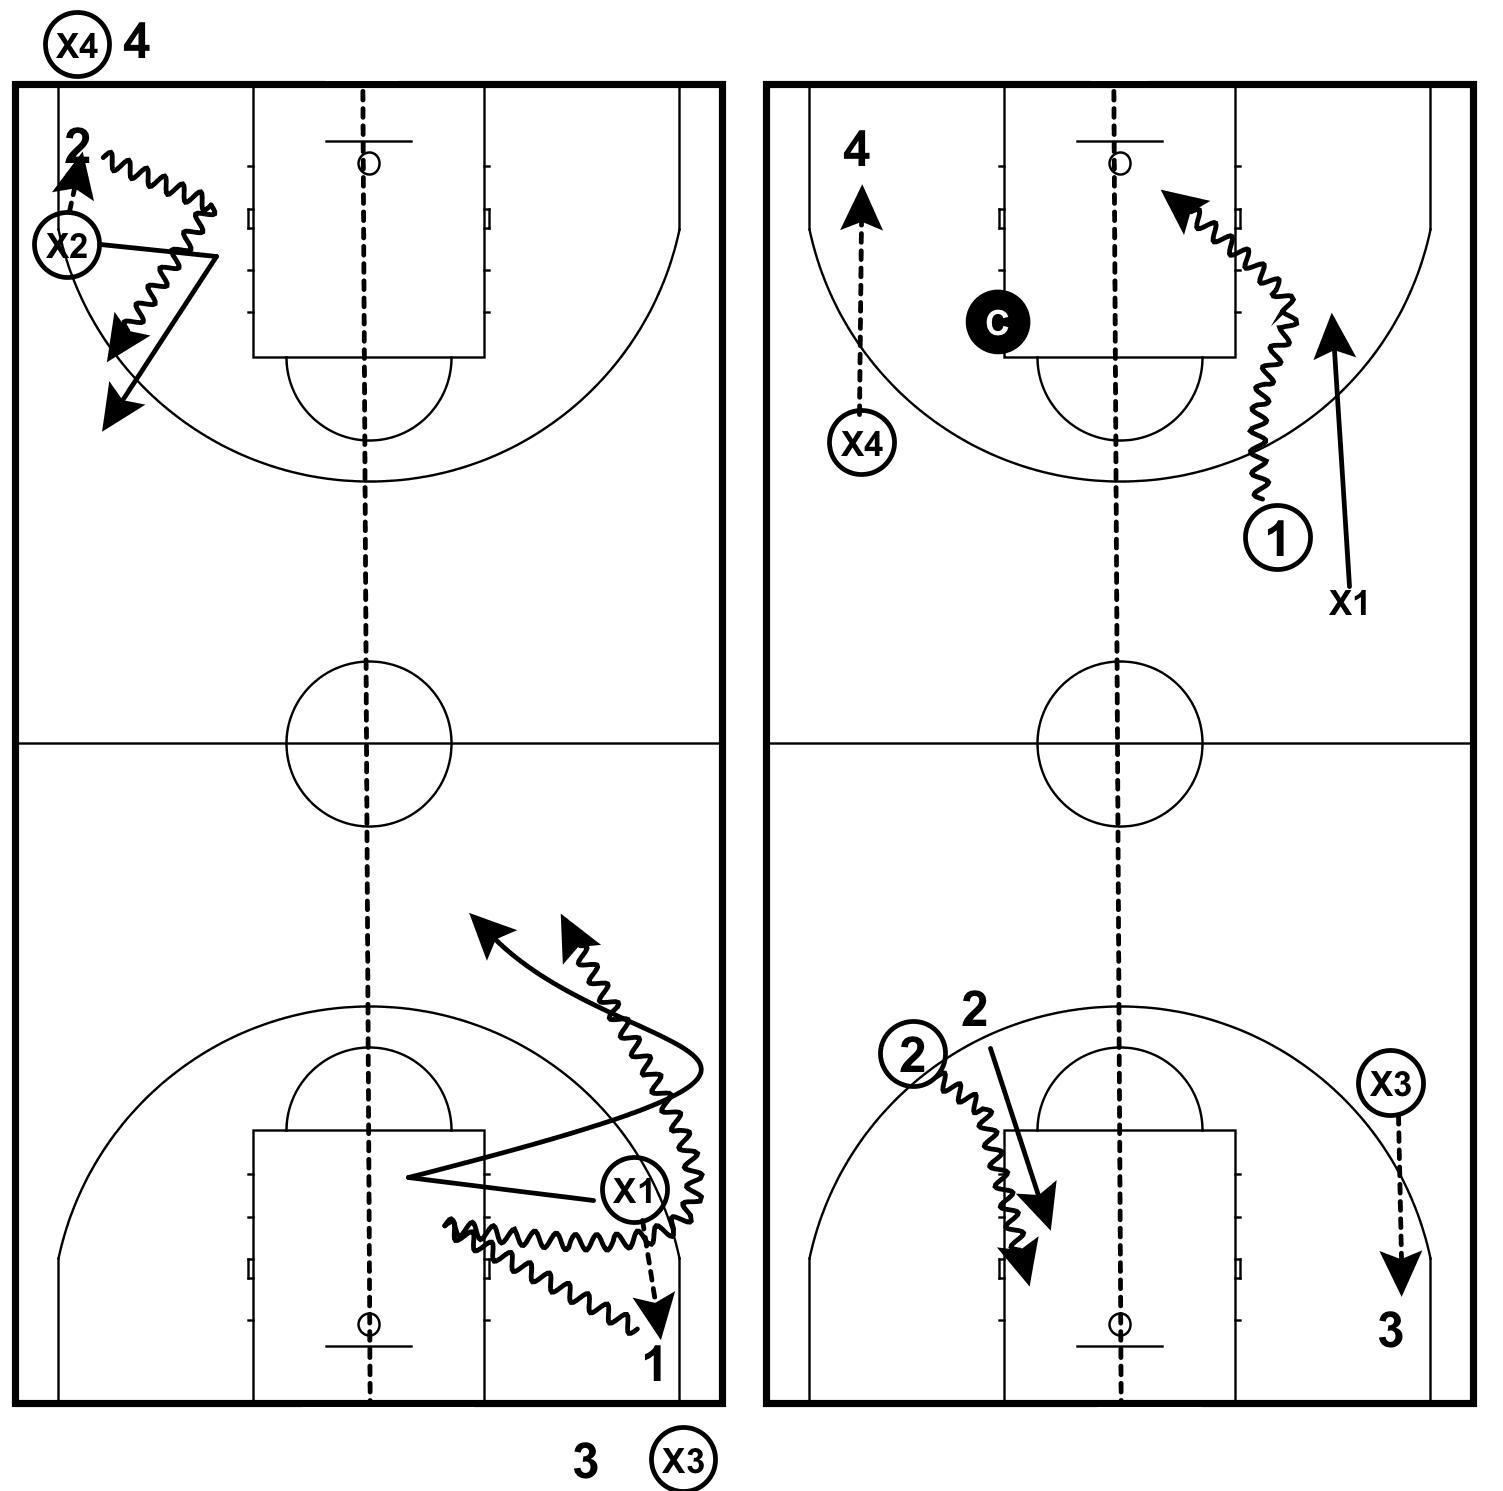 drills-ballhandling-full-court-1-on-1